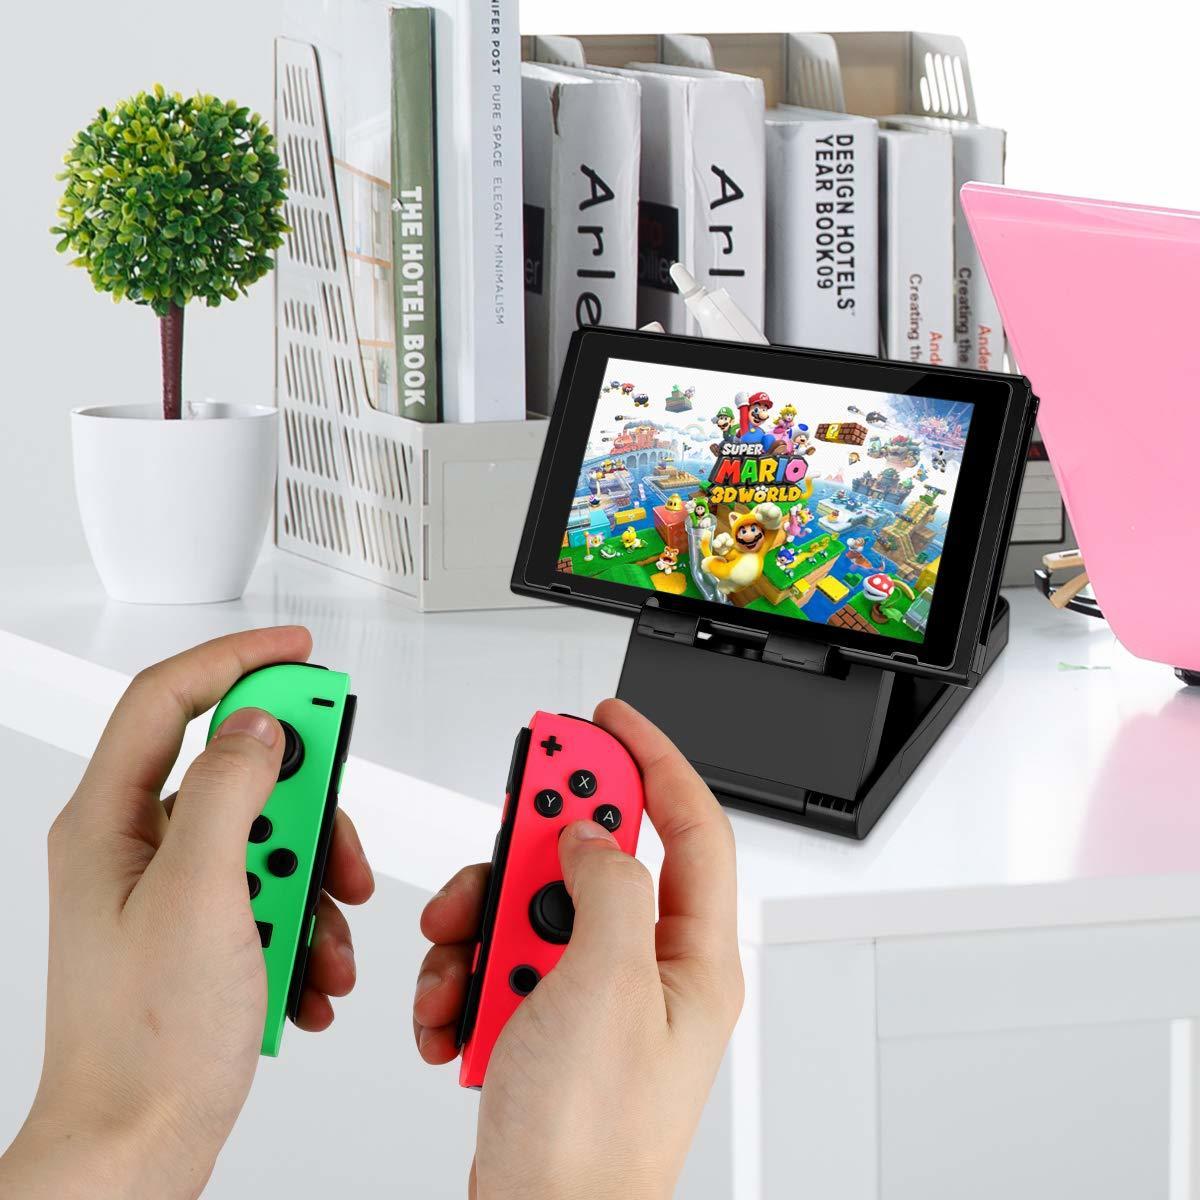 Nintendo Switch ケース 任天堂スイッチケース 保護カバー グリップ スタンド機能付き スイッチケース キャリング 大容量 収納バッグ 防水_画像7